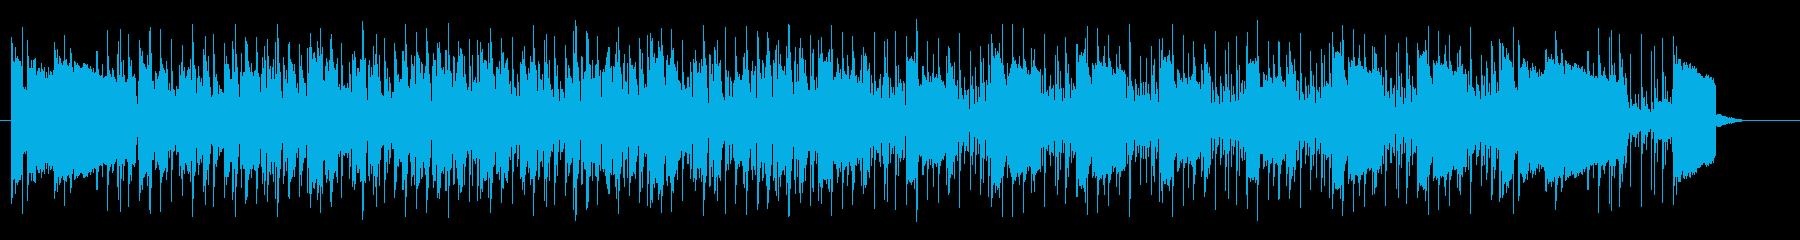 軽快でリズミカルなエレキテクノサウンドの再生済みの波形